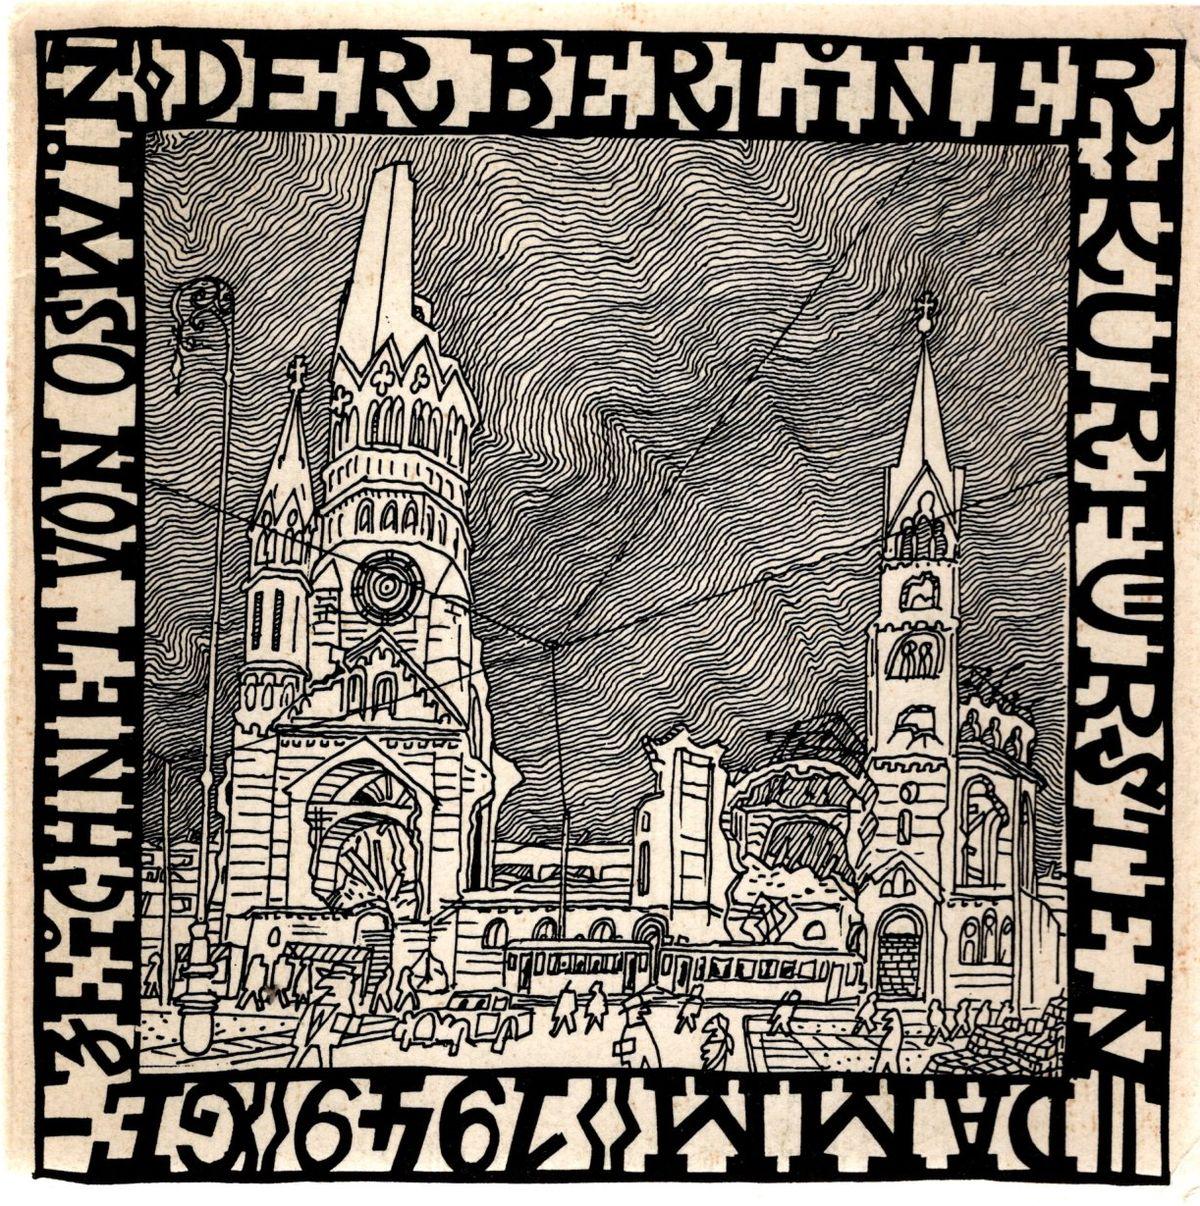 Der Berliner Kurfürstendamm 1949 gezeichnet von Oswin.: Oswin: